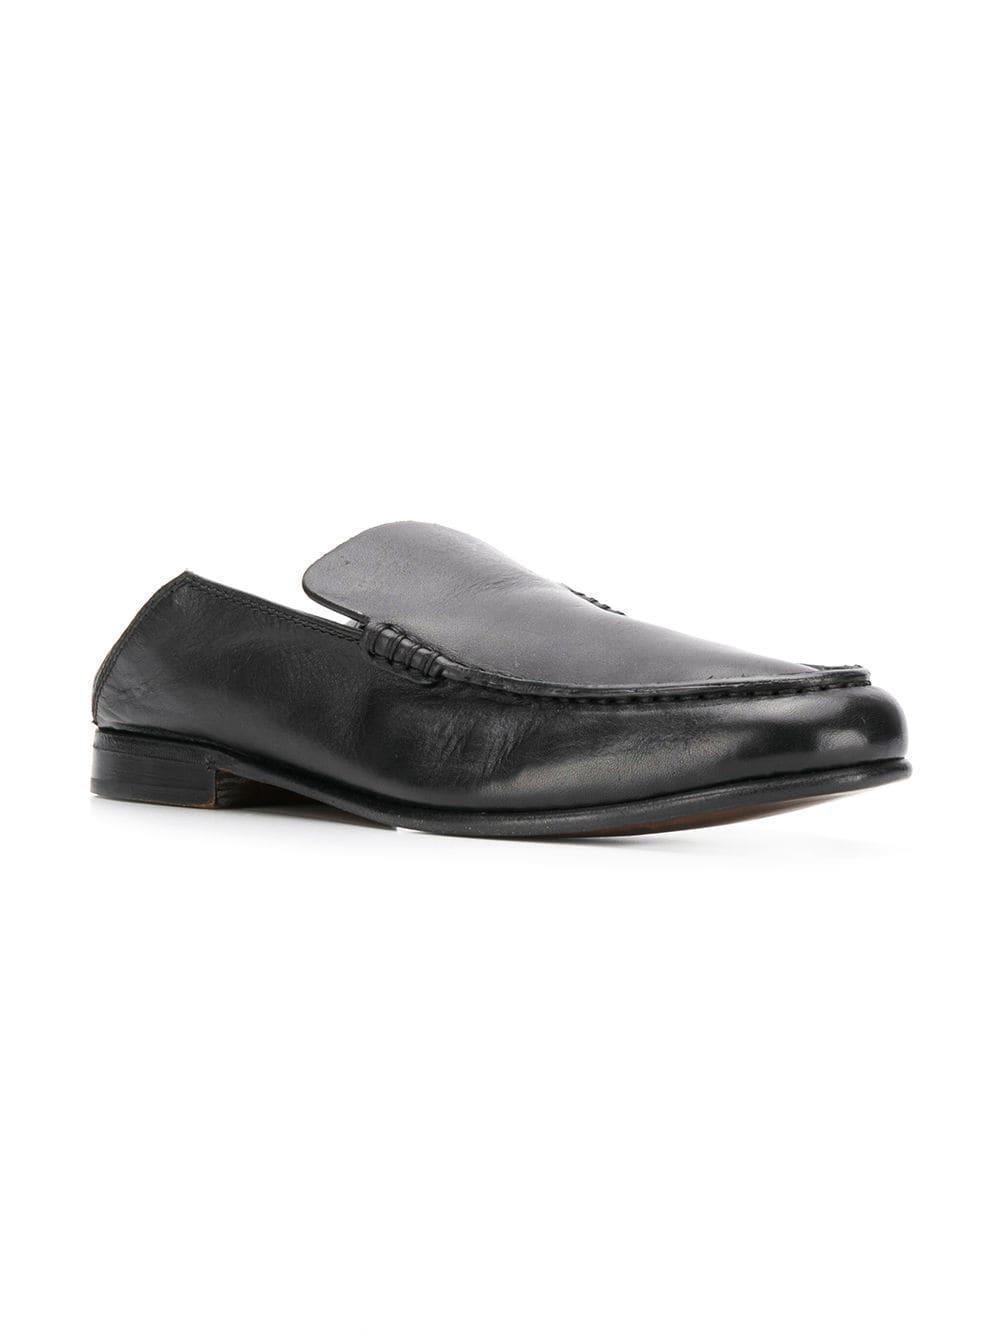 4a8a22c9bd5 Lyst - Ermenegildo Zegna Step-back Loafers in Black for Men